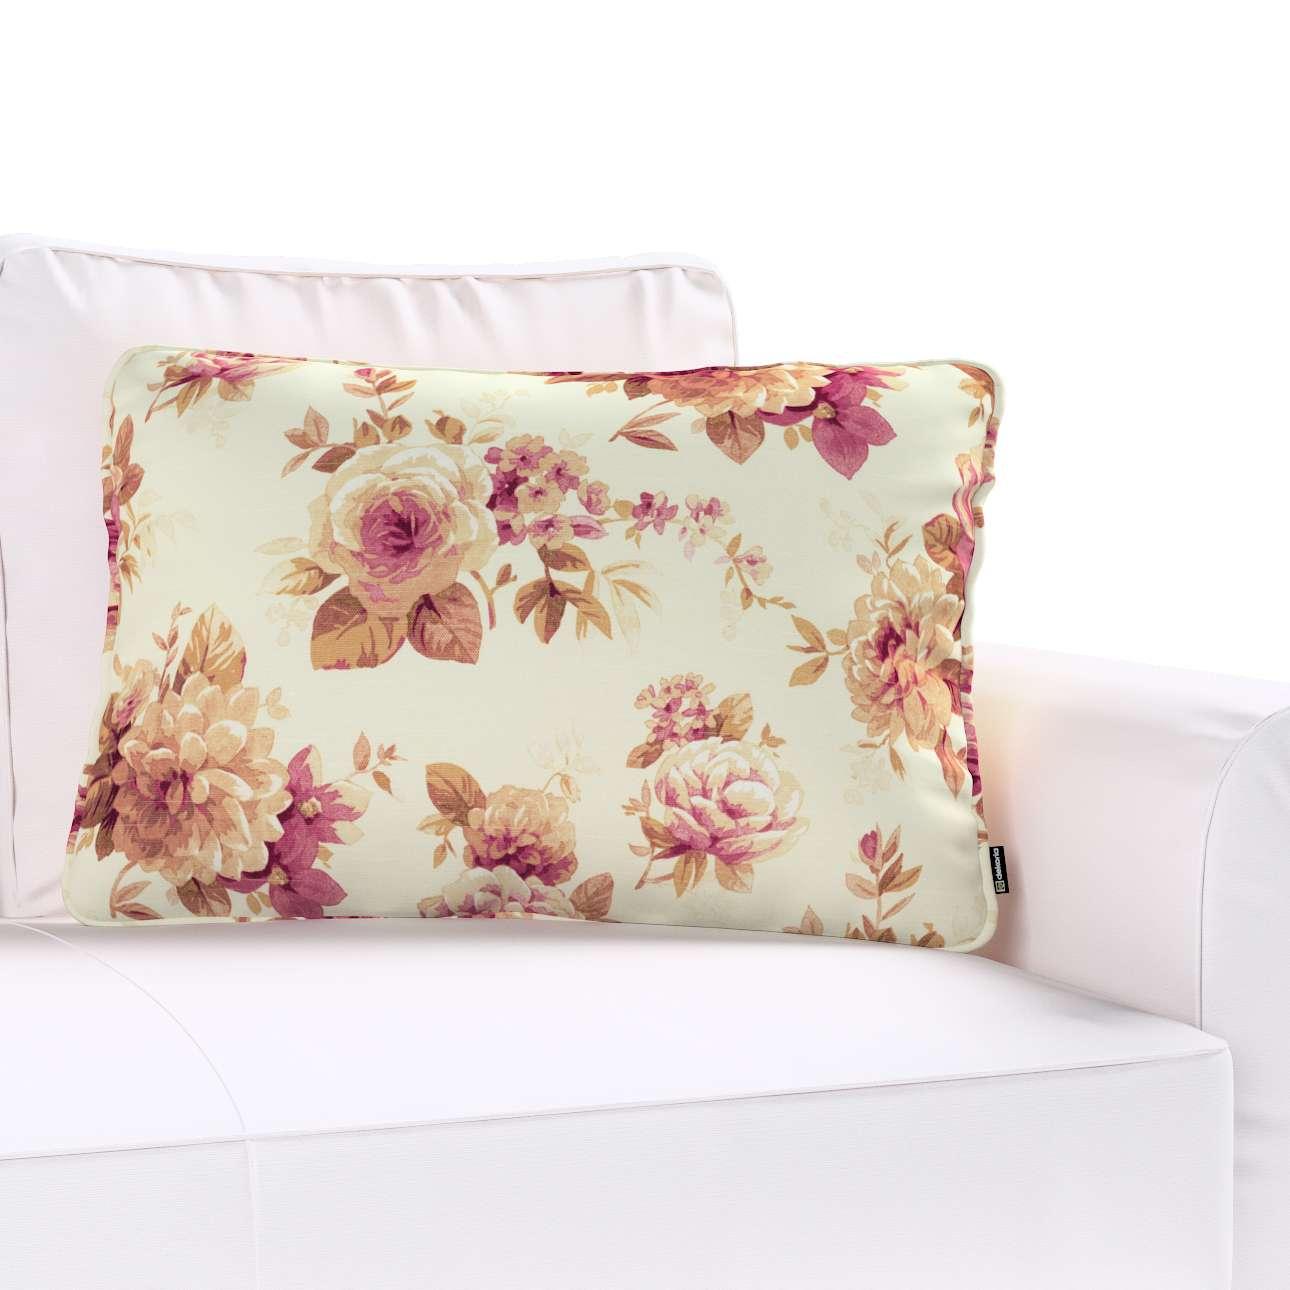 Poszewka Gabi na poduszkę prostokątna w kolekcji Mirella, tkanina: 141-06